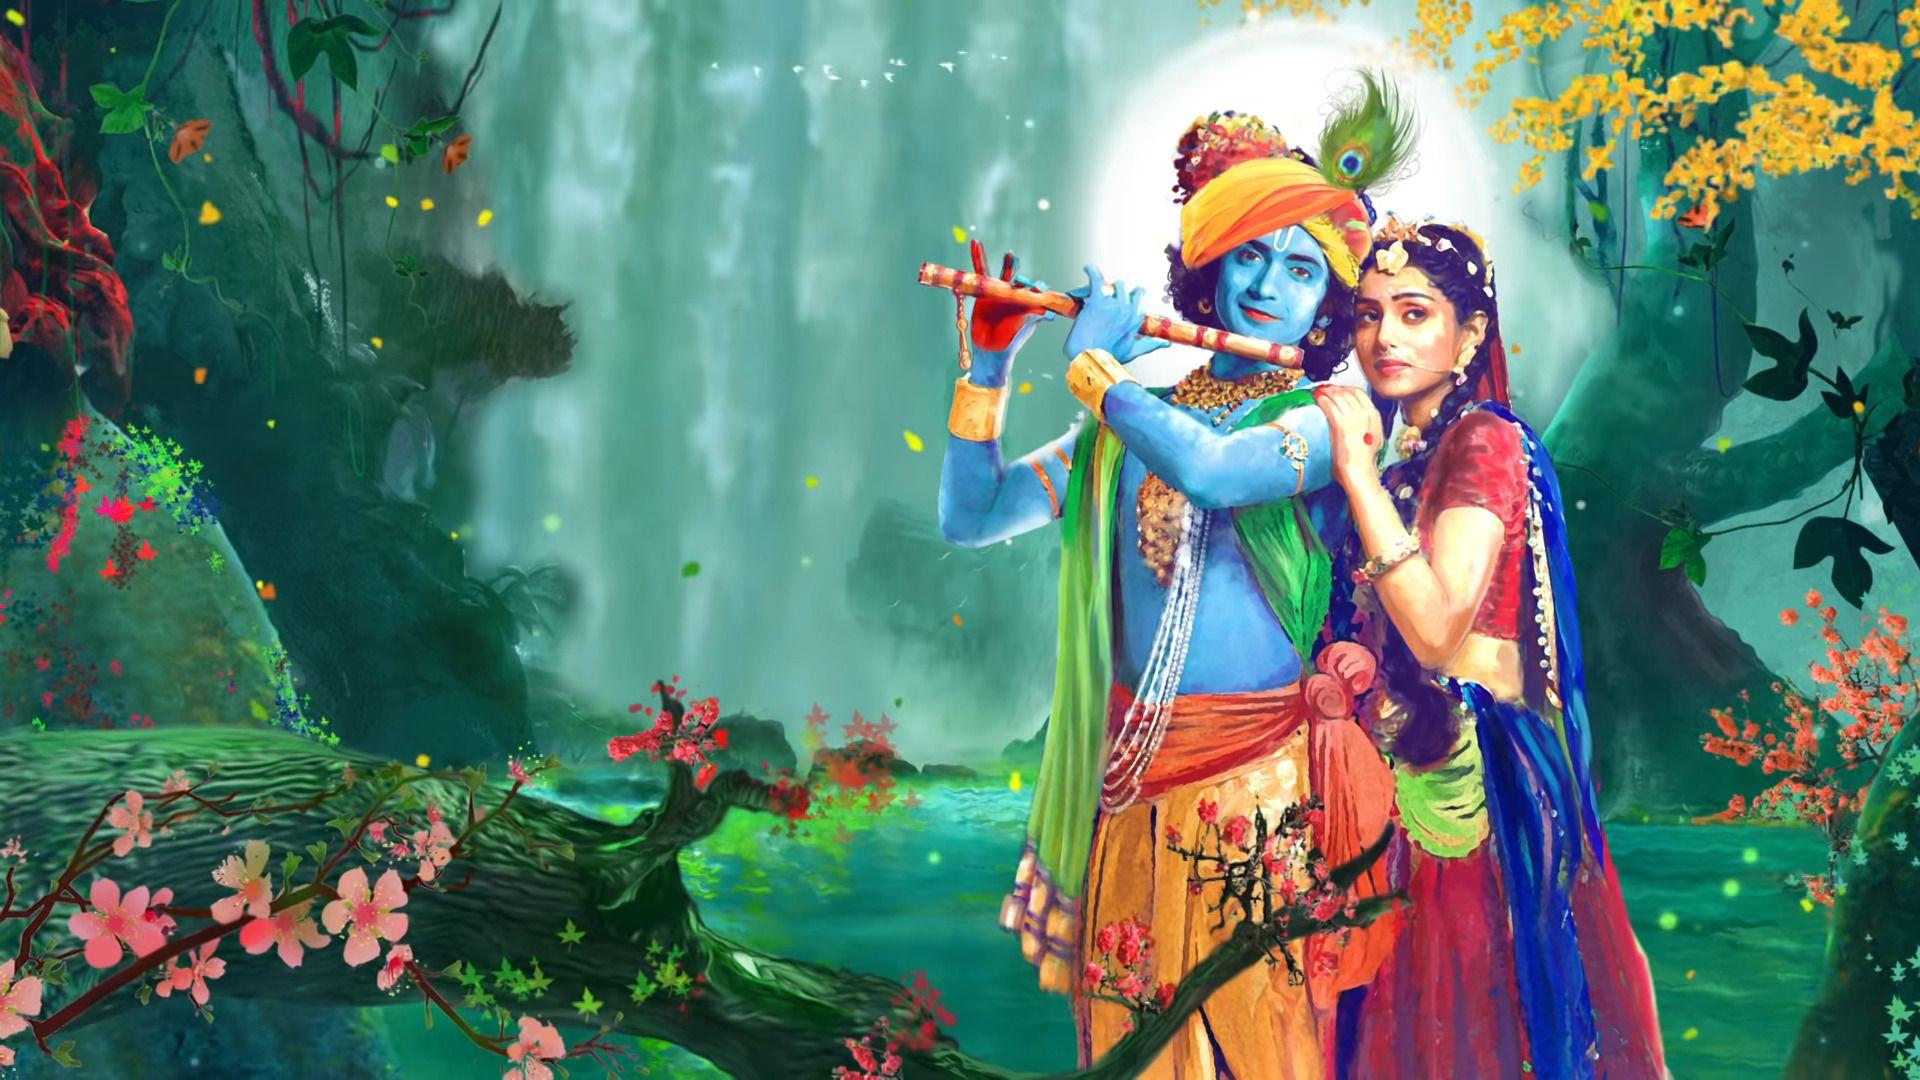 Hindu Gods And Goddesses Lord Krishna Radha Krishna Love Krishna Love Radha Krishna Songs Radha krishna love wallpaper hd 3d full